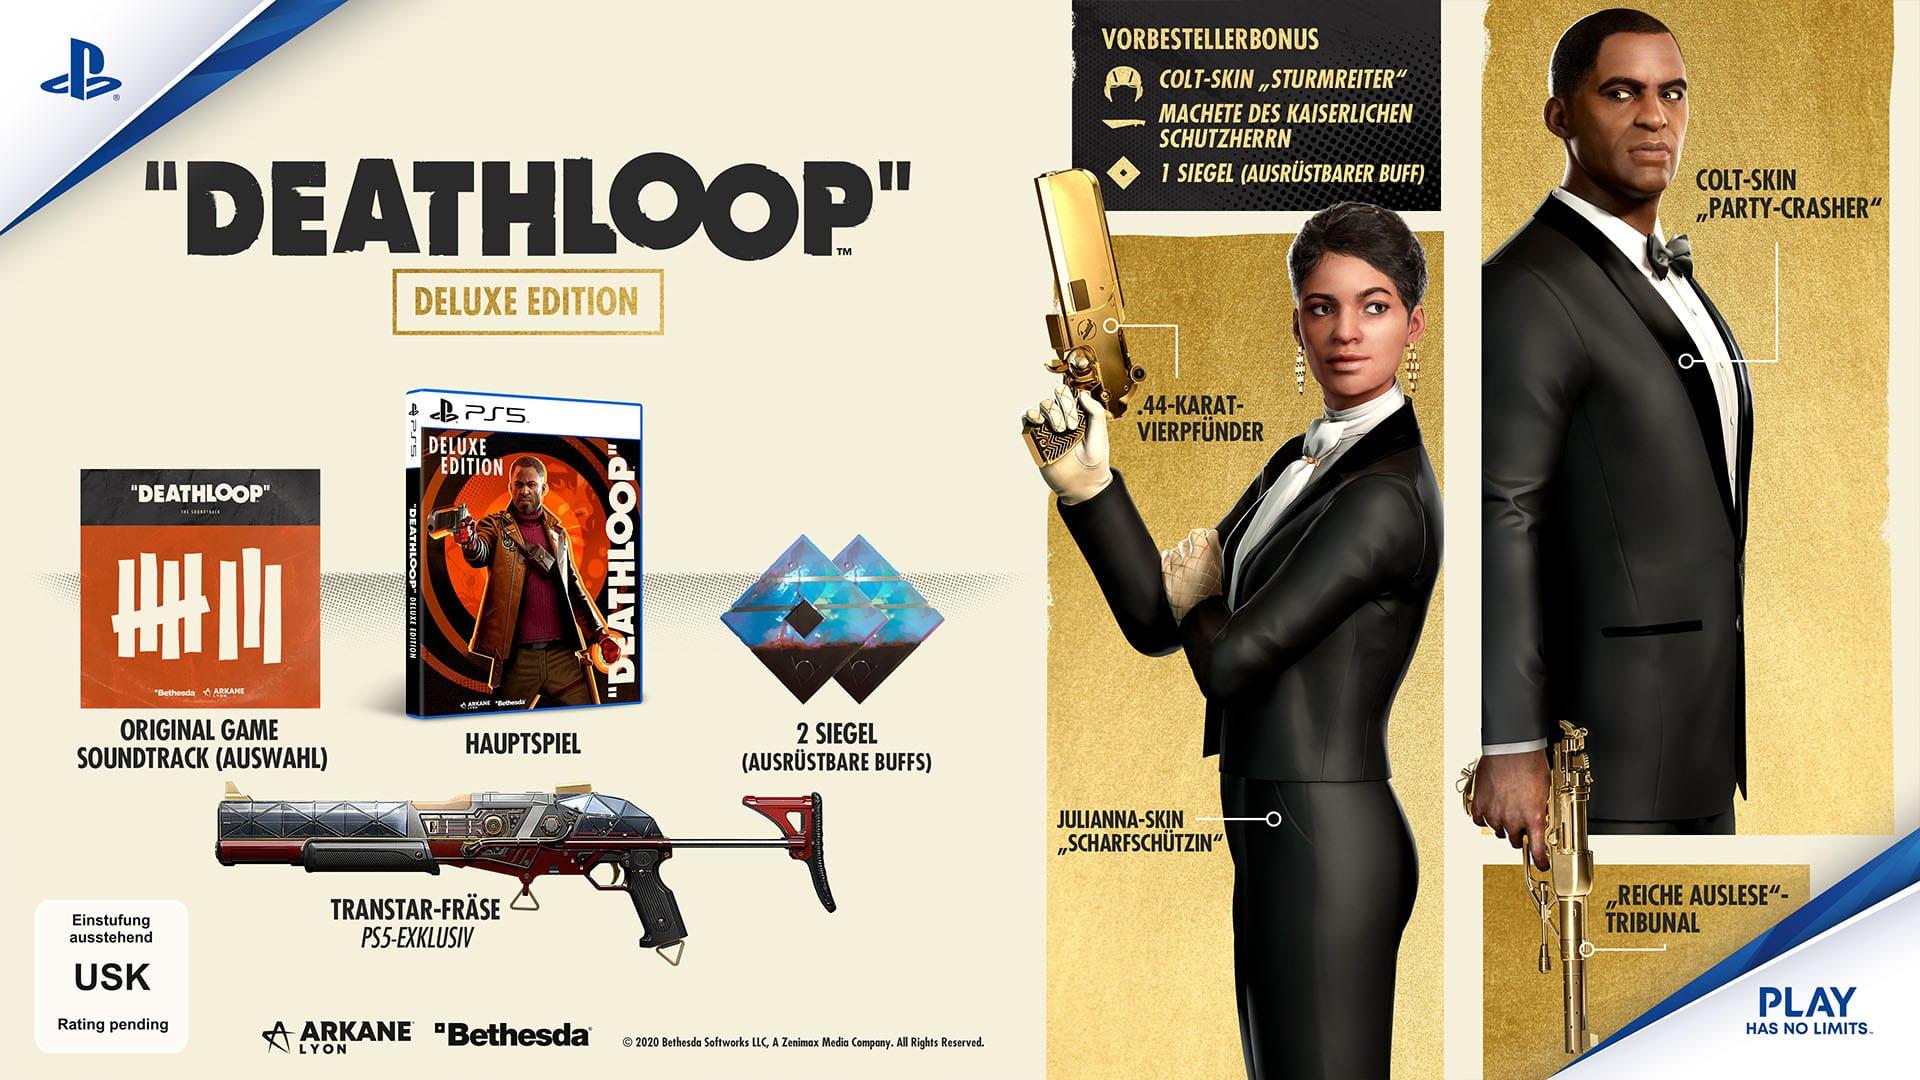 Deathloop Vorbestellen Deluxe Edition